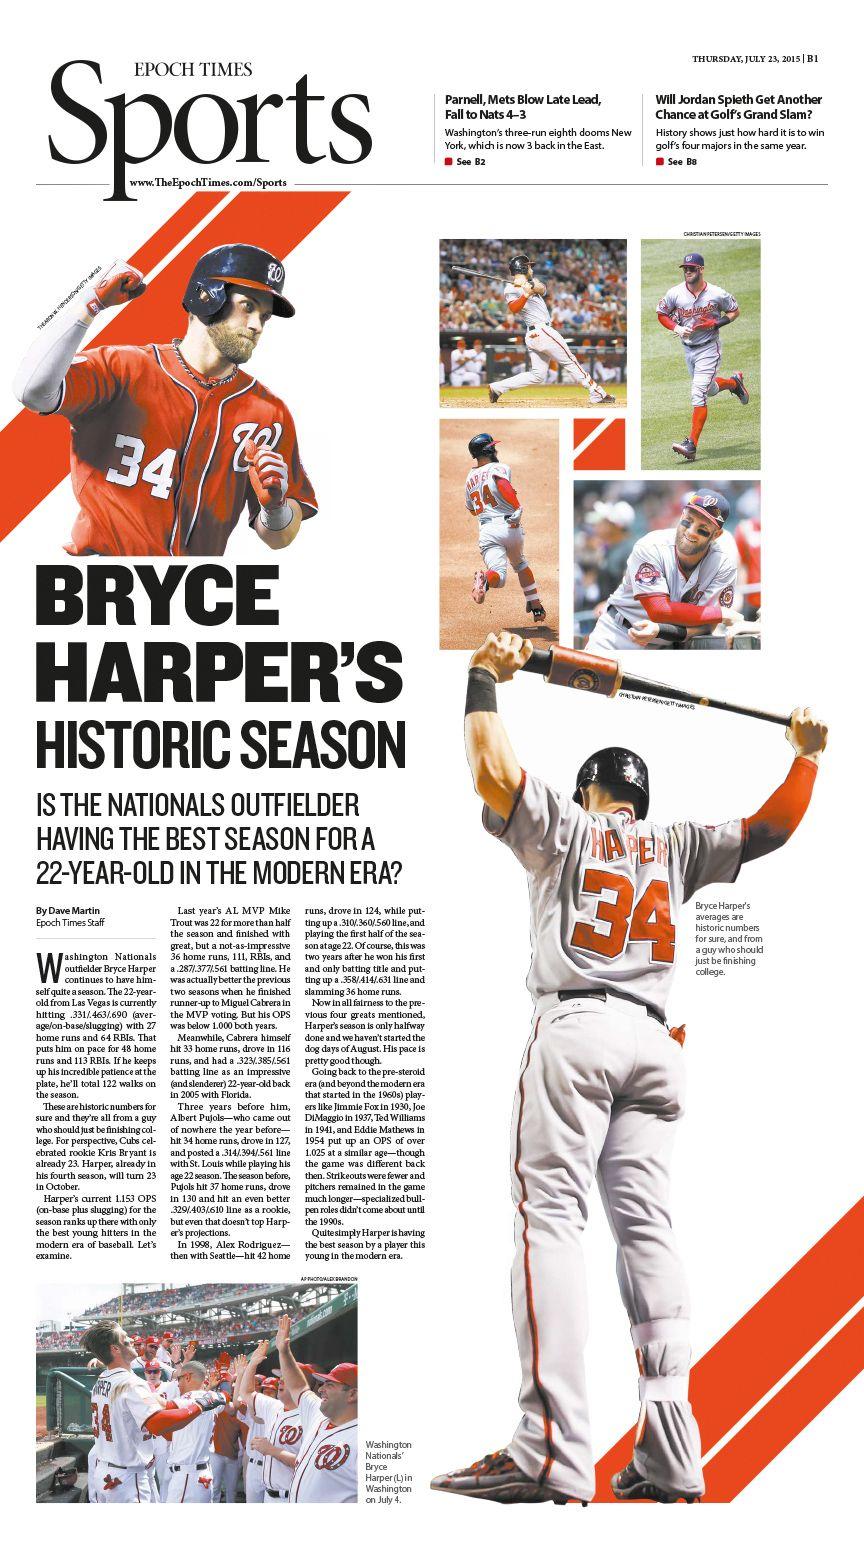 Is Bryce Harper Having the Best Season for a 22-Ye